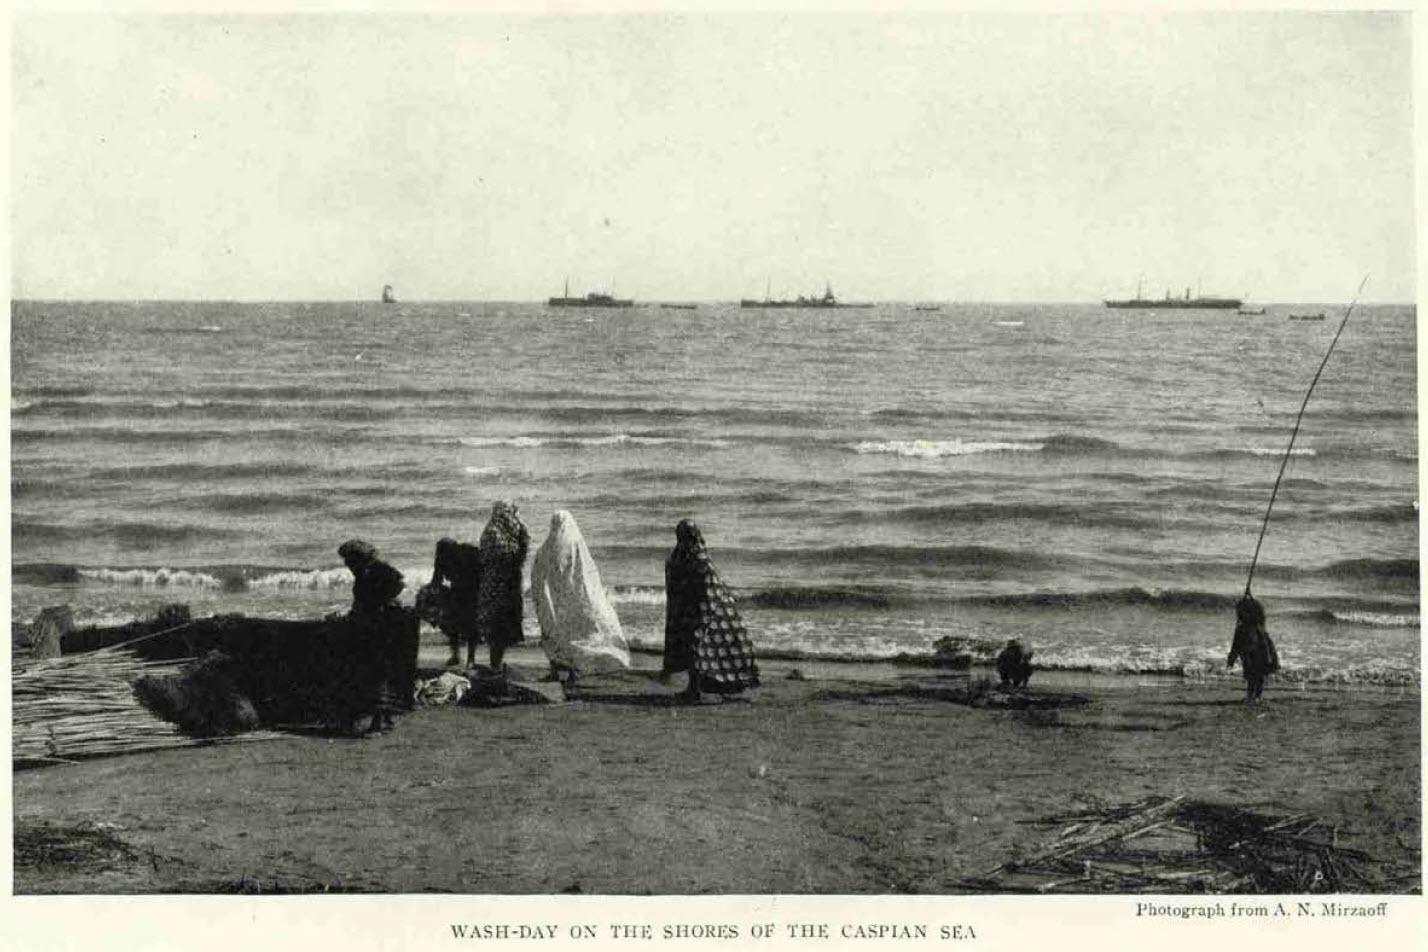 شستشو در کرانه دریای خزر